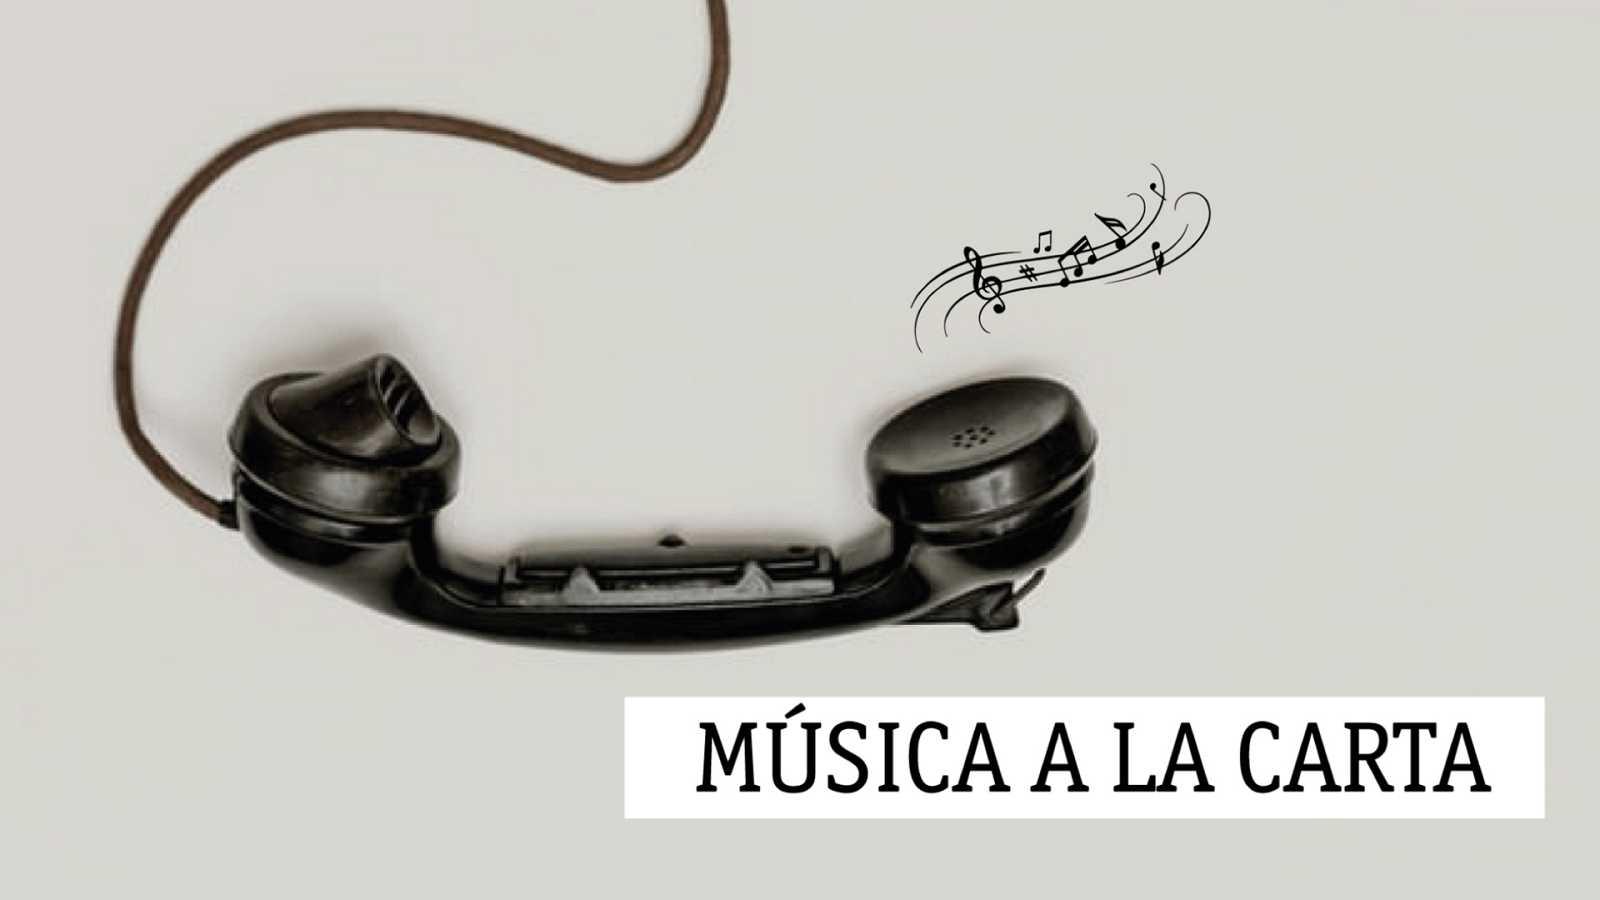 Música a la carta - 15/04/21 - escuchar ahora